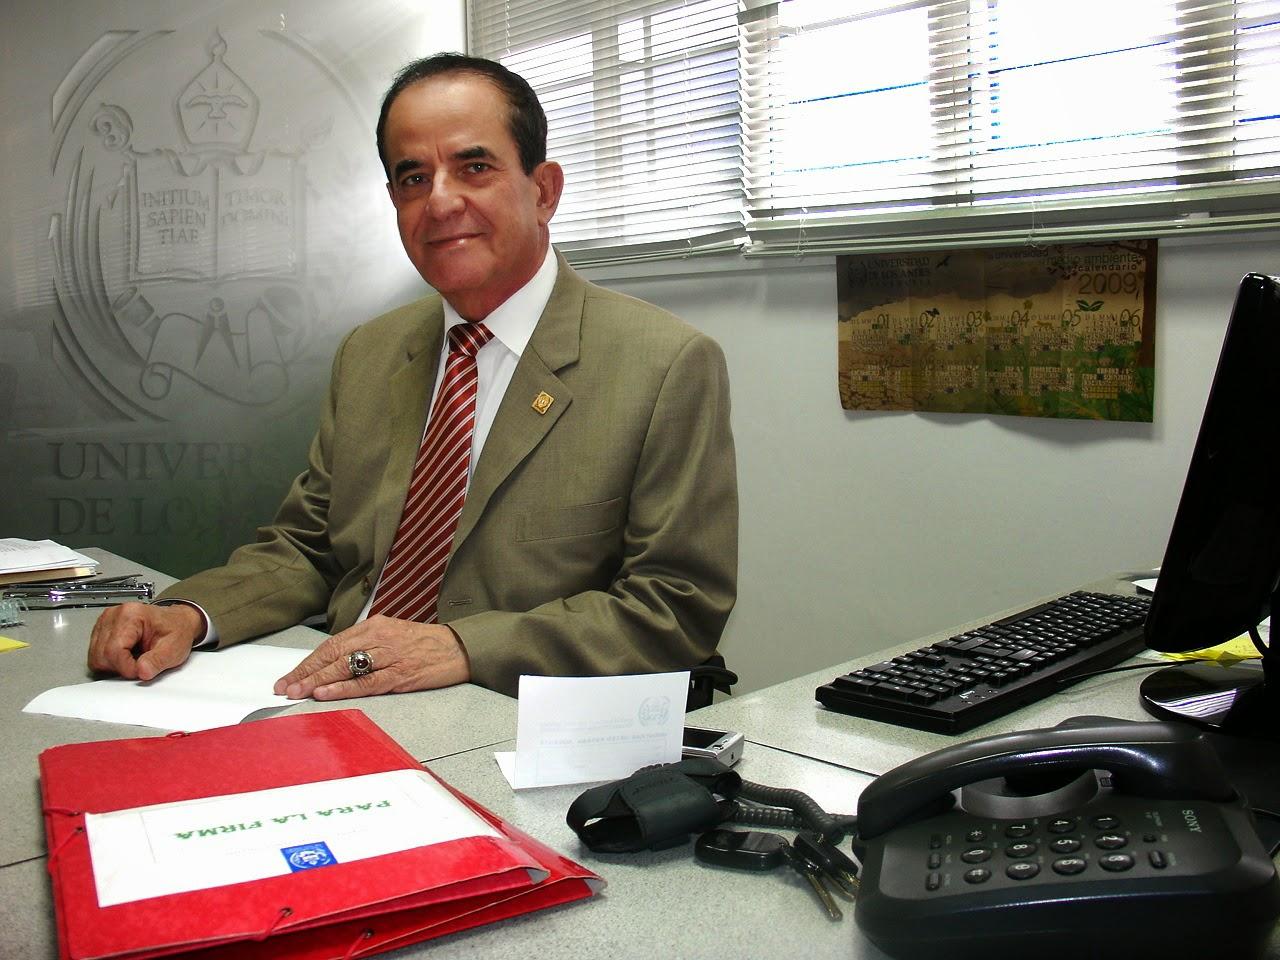 El profesor Manuel Aranguren destacó que dinero que llega, dinero que se paga. (Foto: RDF)